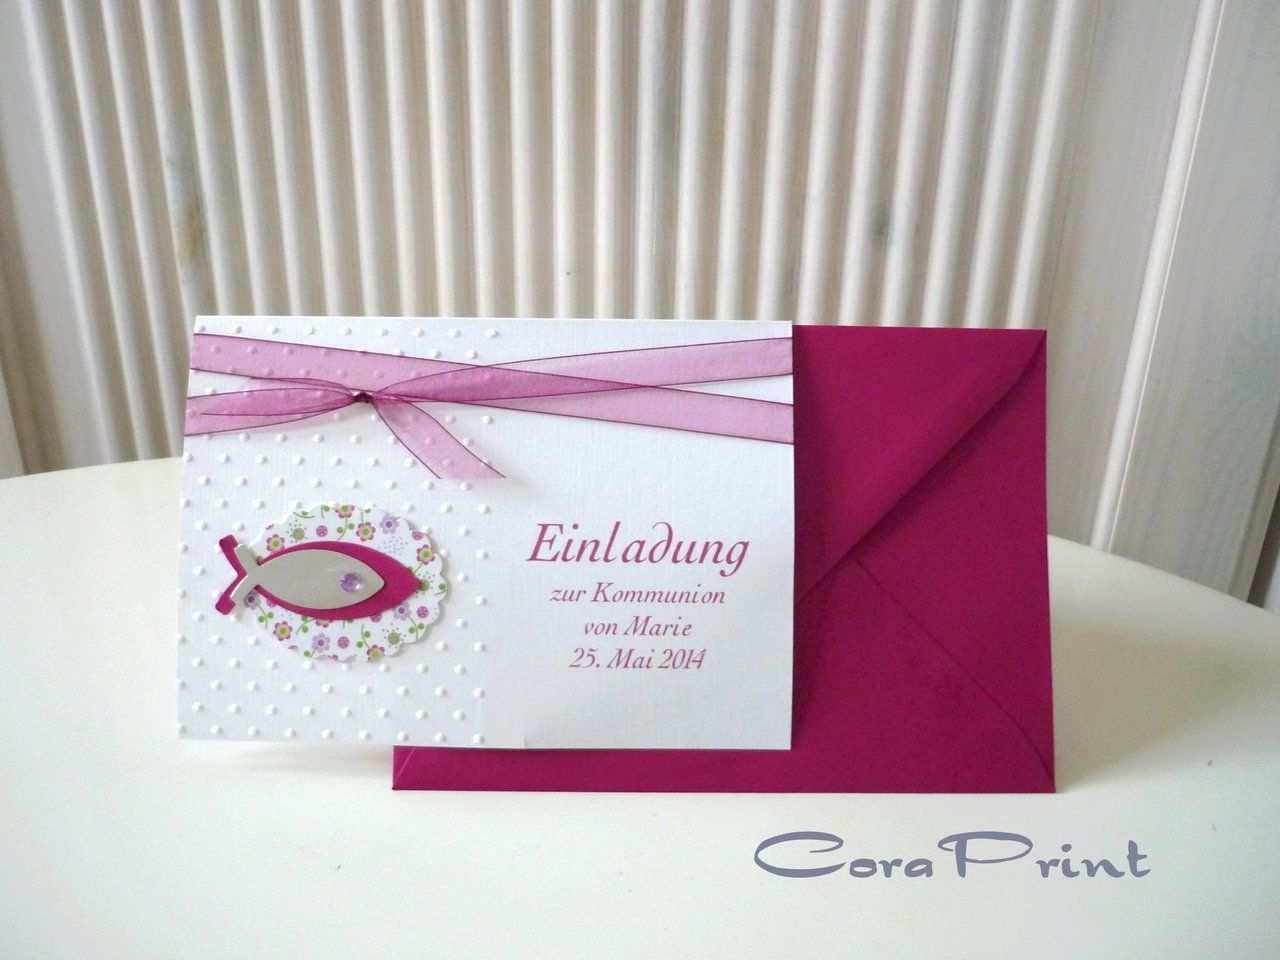 Einladungskarten Kommunion Selber Basteln Kostenlos Einladung Kommunion Einladungskarten Kommunion Einladungskarten Selber Basteln